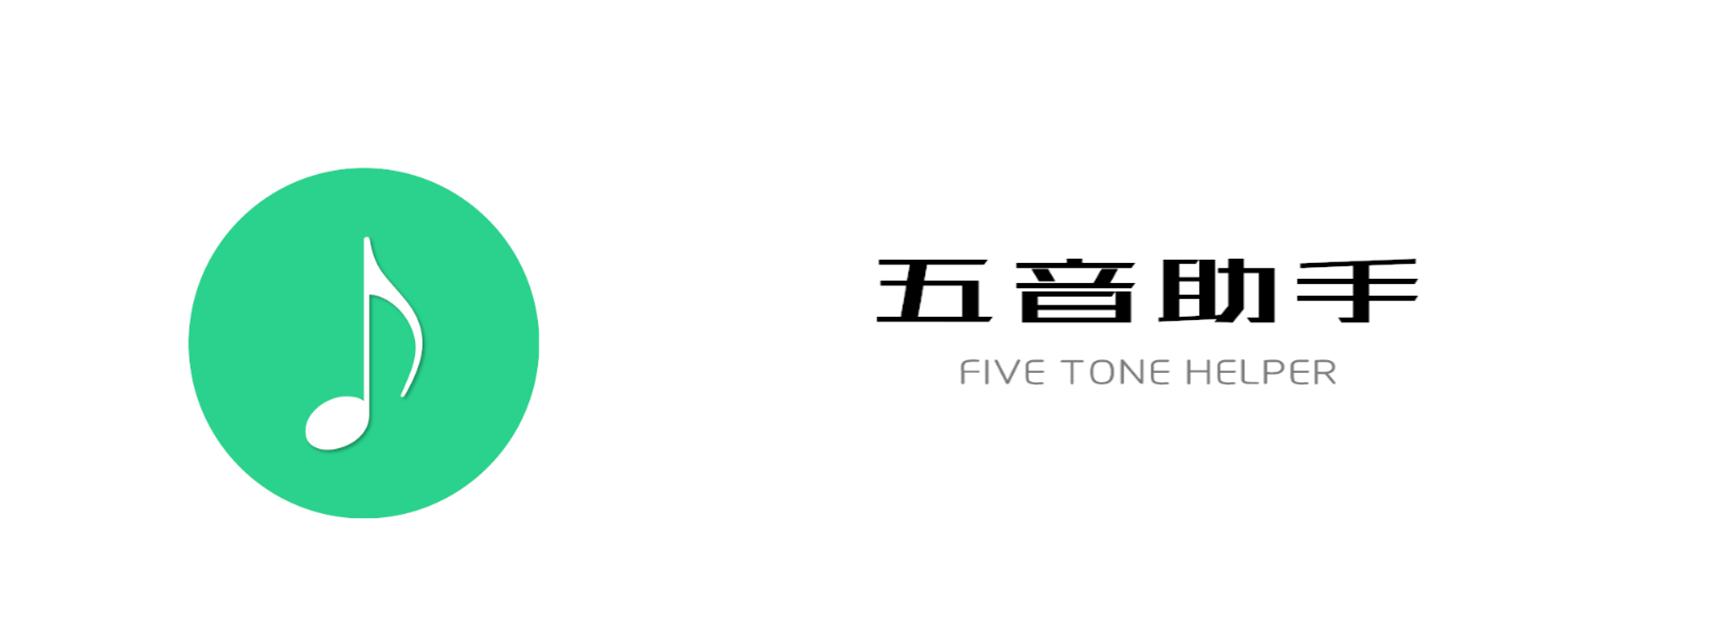 Android 五音助手最新版本V2.5.6官网下载